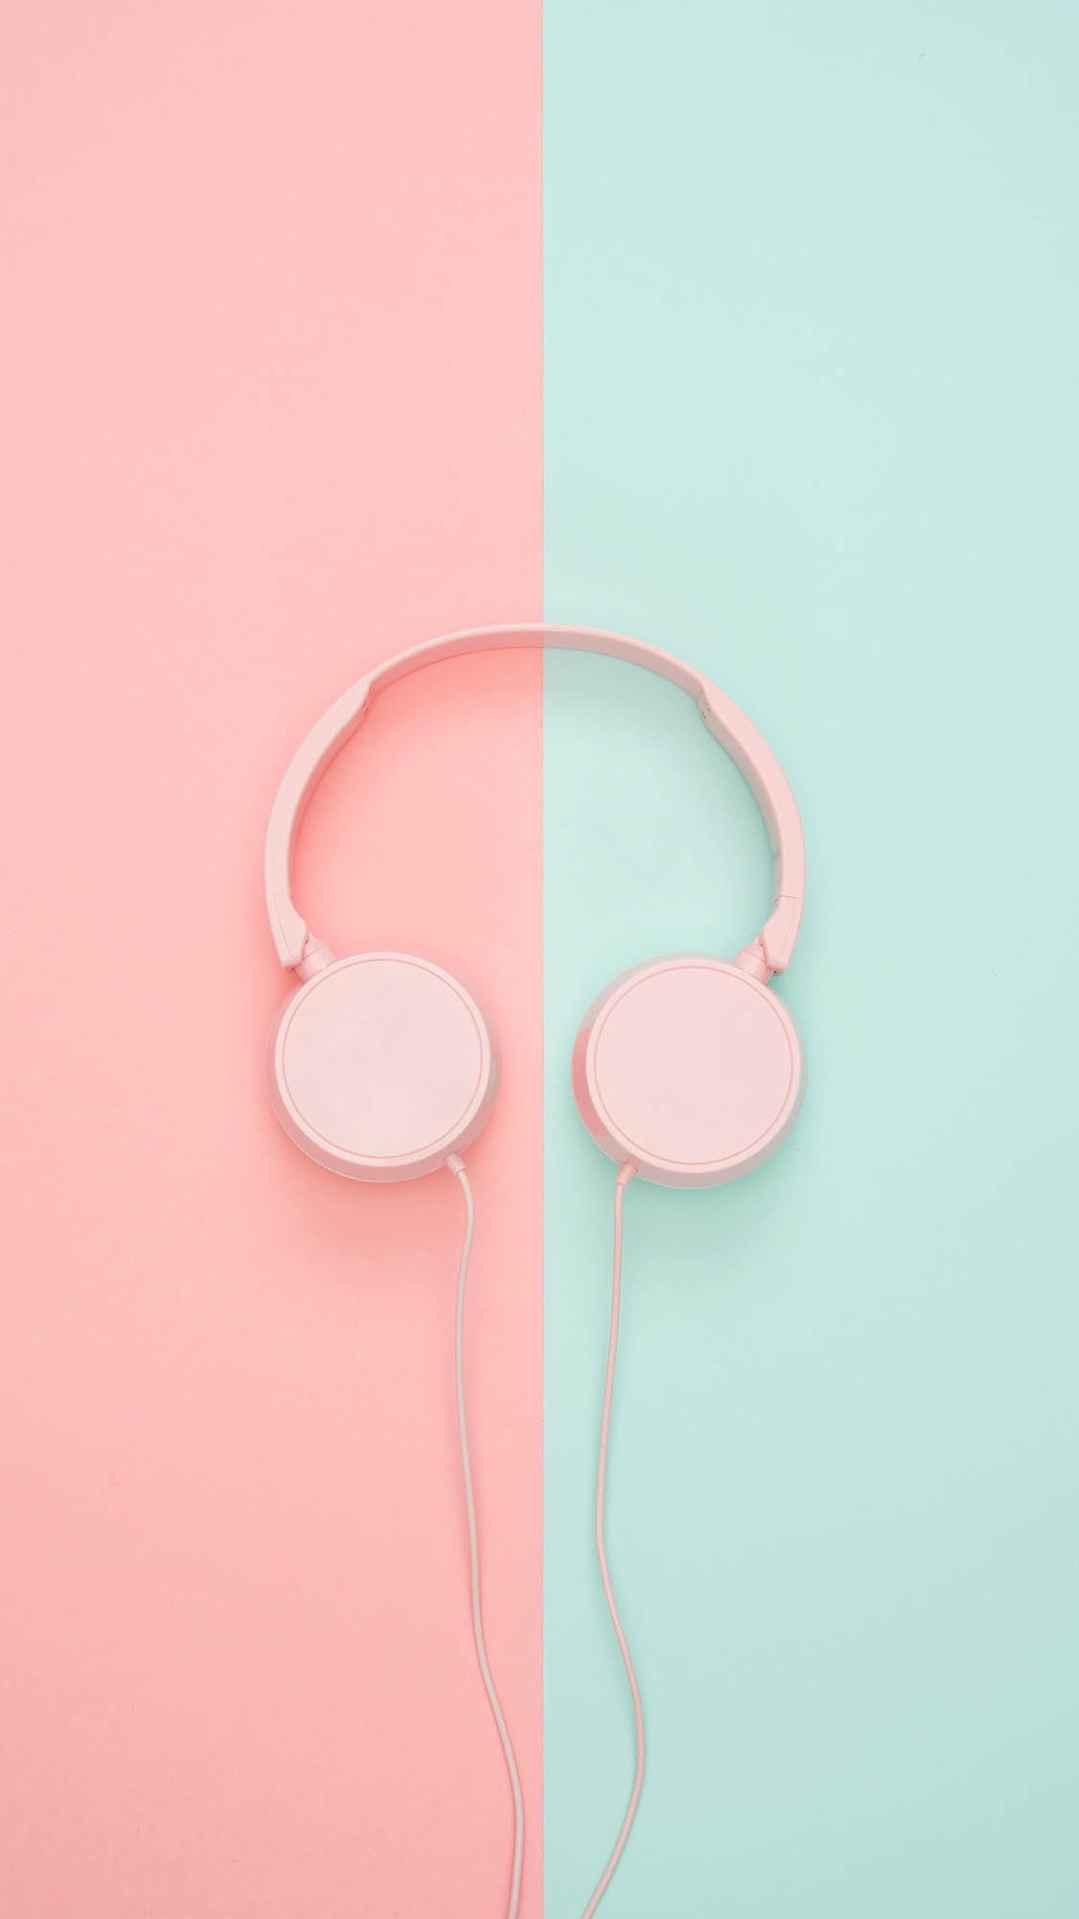 Music Headphones iPhone Wallpaper